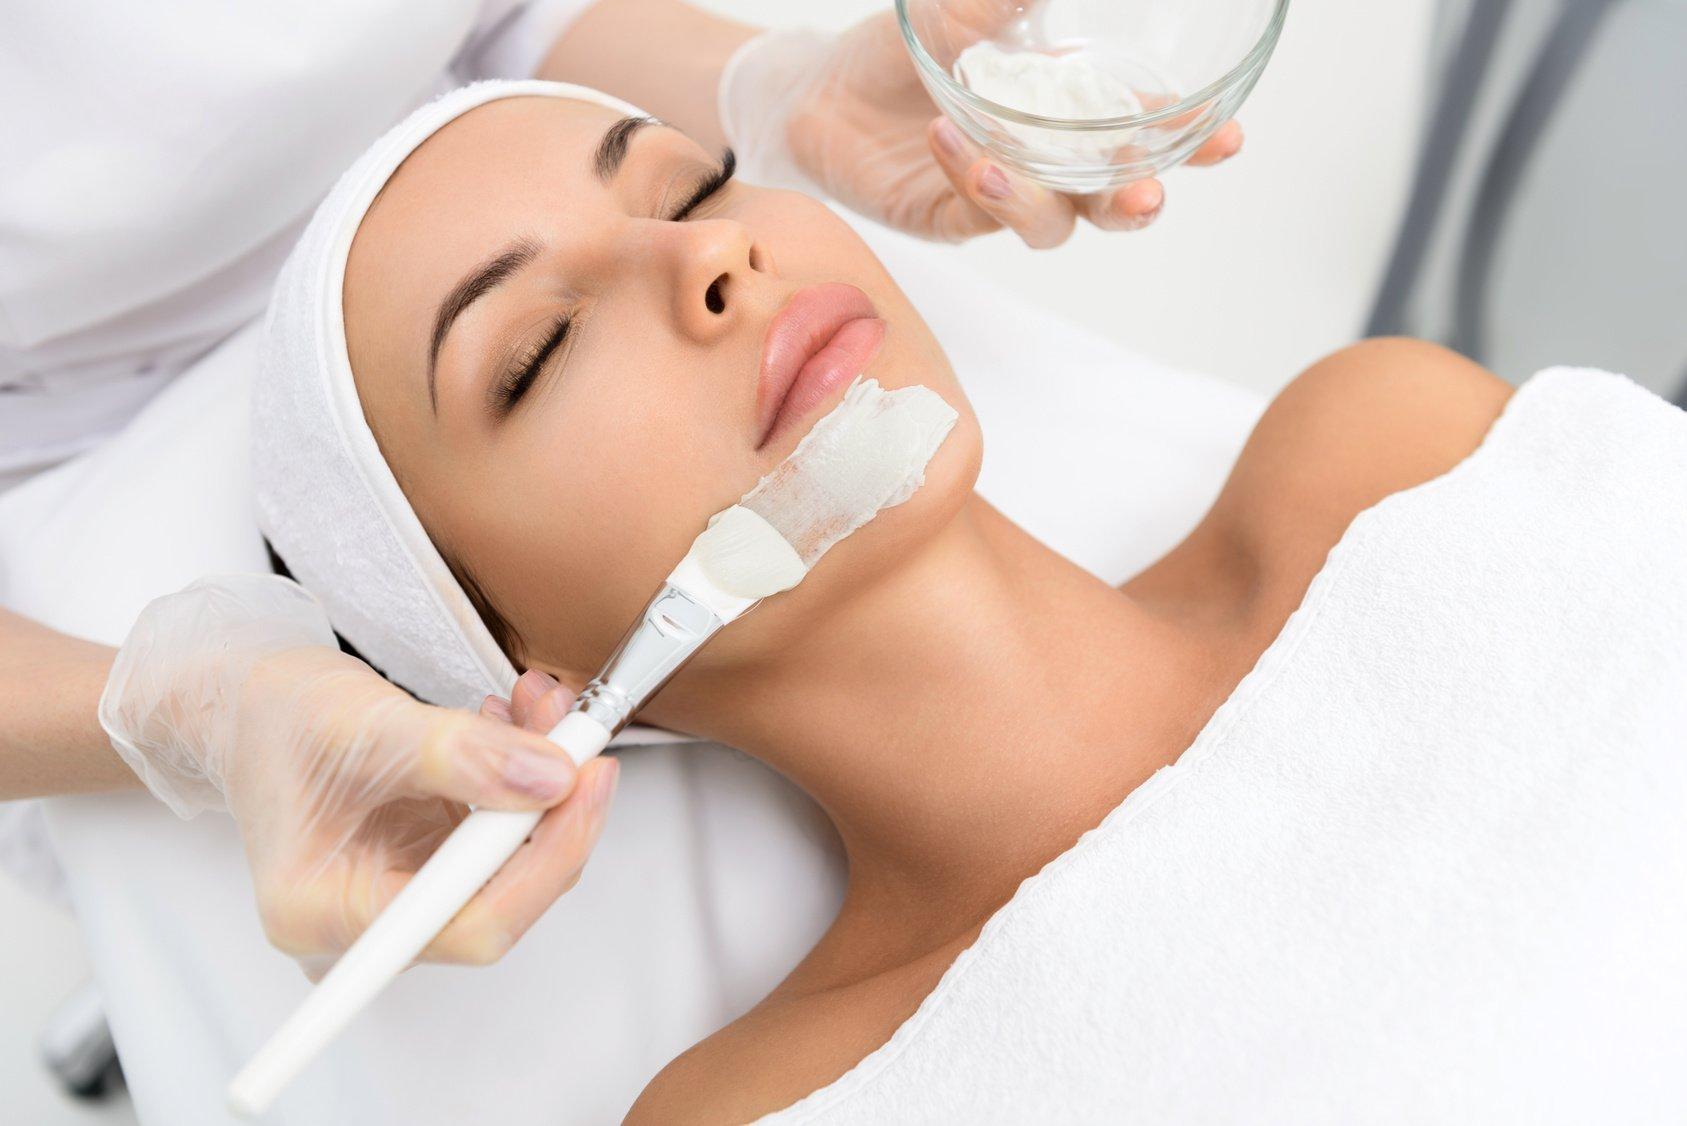 Dermalogica-kasvohoito valinnaisella mekaanisella tai ultraääni-ihonpuhdistuksella alk. vain 35€ (säästä jopa 59%)